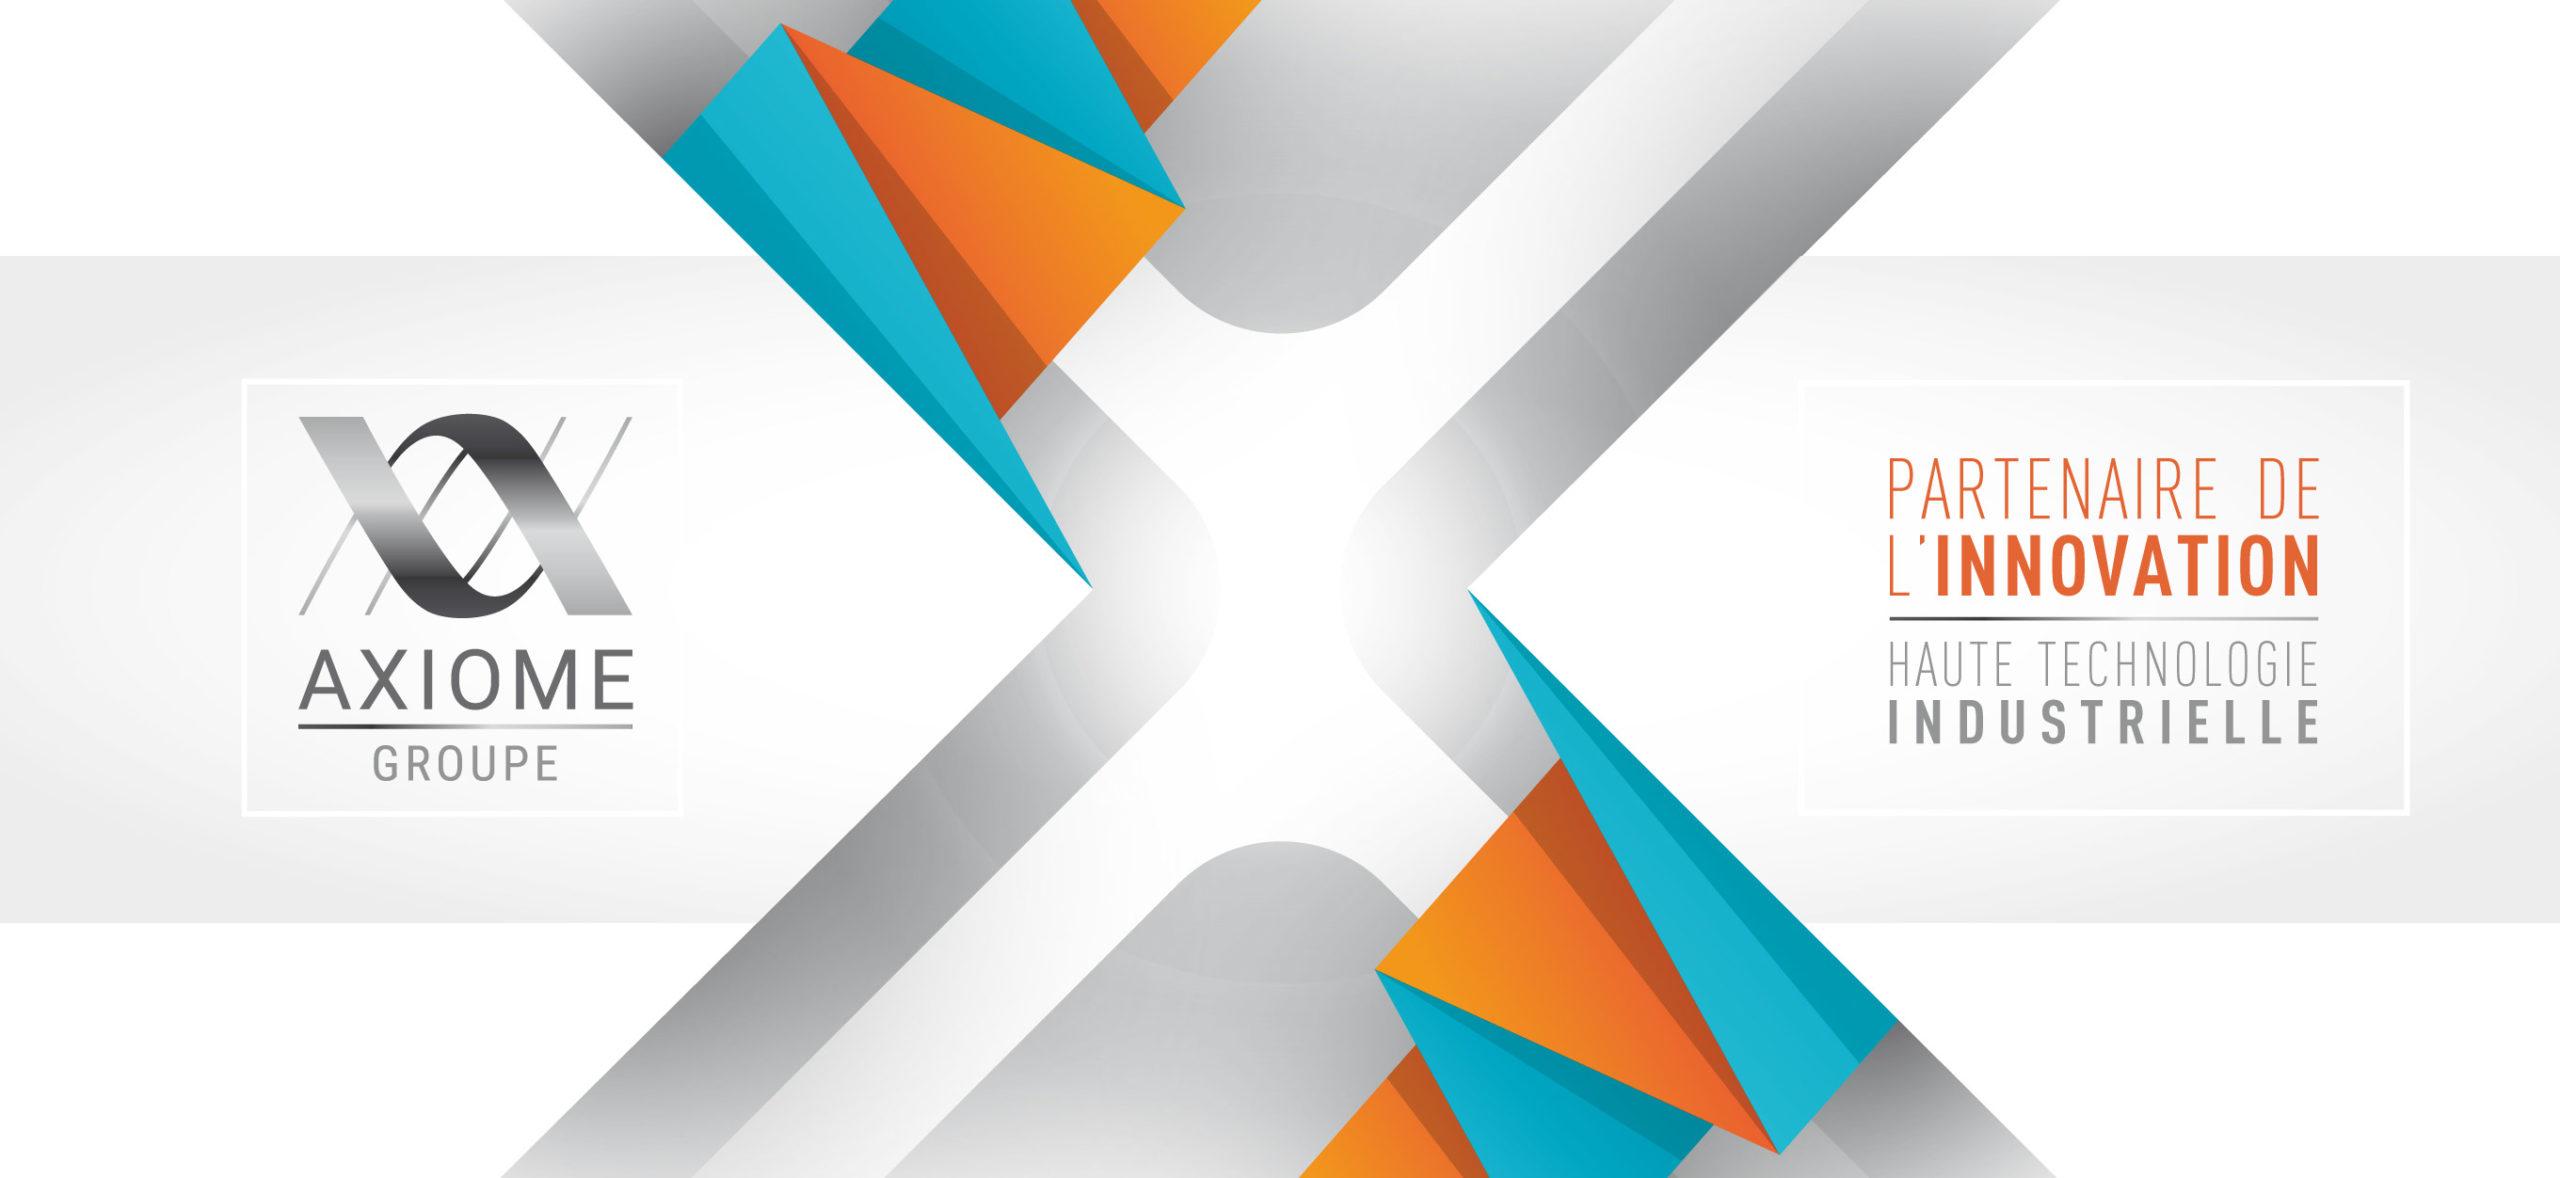 AXIOME Groupe : haute technologie industrielle à Toulon, bureau d'études, atelier d'usinage, formation